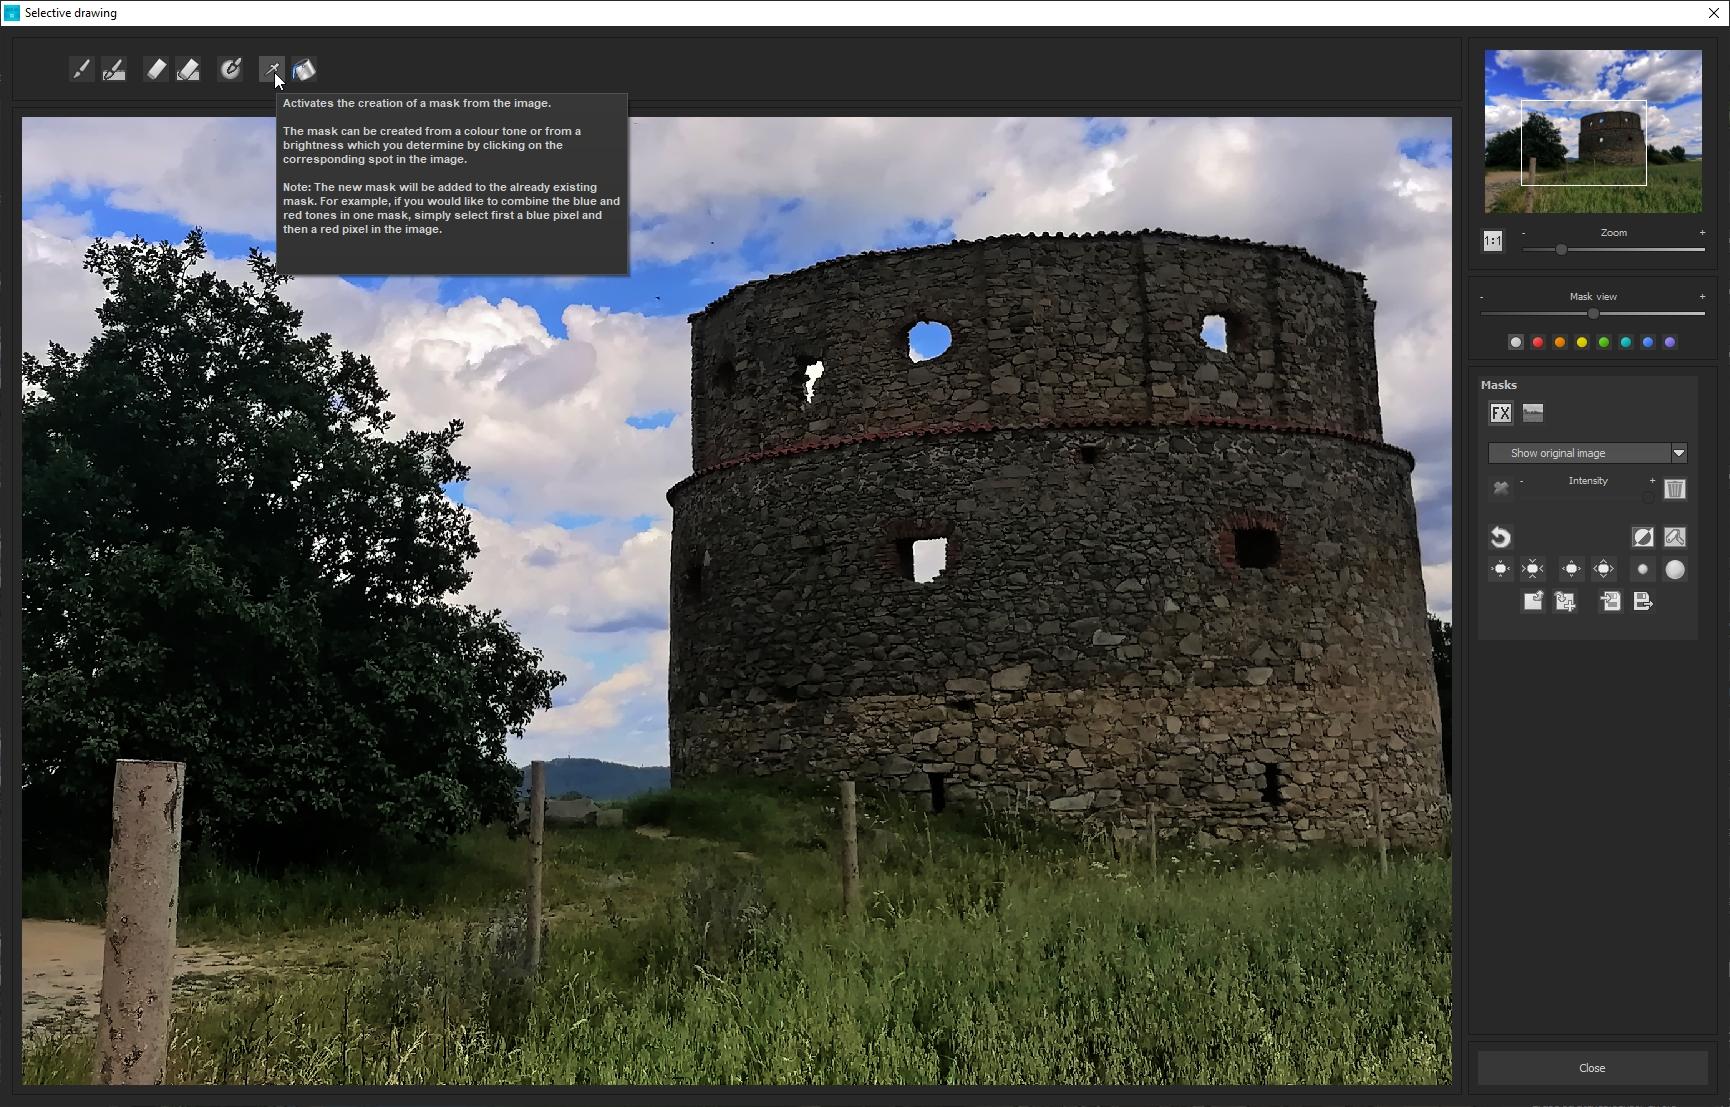 Program nabízí i nástroj »Selective drawing«, pomocí kterého můžete ručně optimalizovat jen vybrané části snímku, anebo vytvářet z částí snímku masky. Najdete zde retušovací štětce, nástroj guma a řadu dalších nástrojů a funkcí.